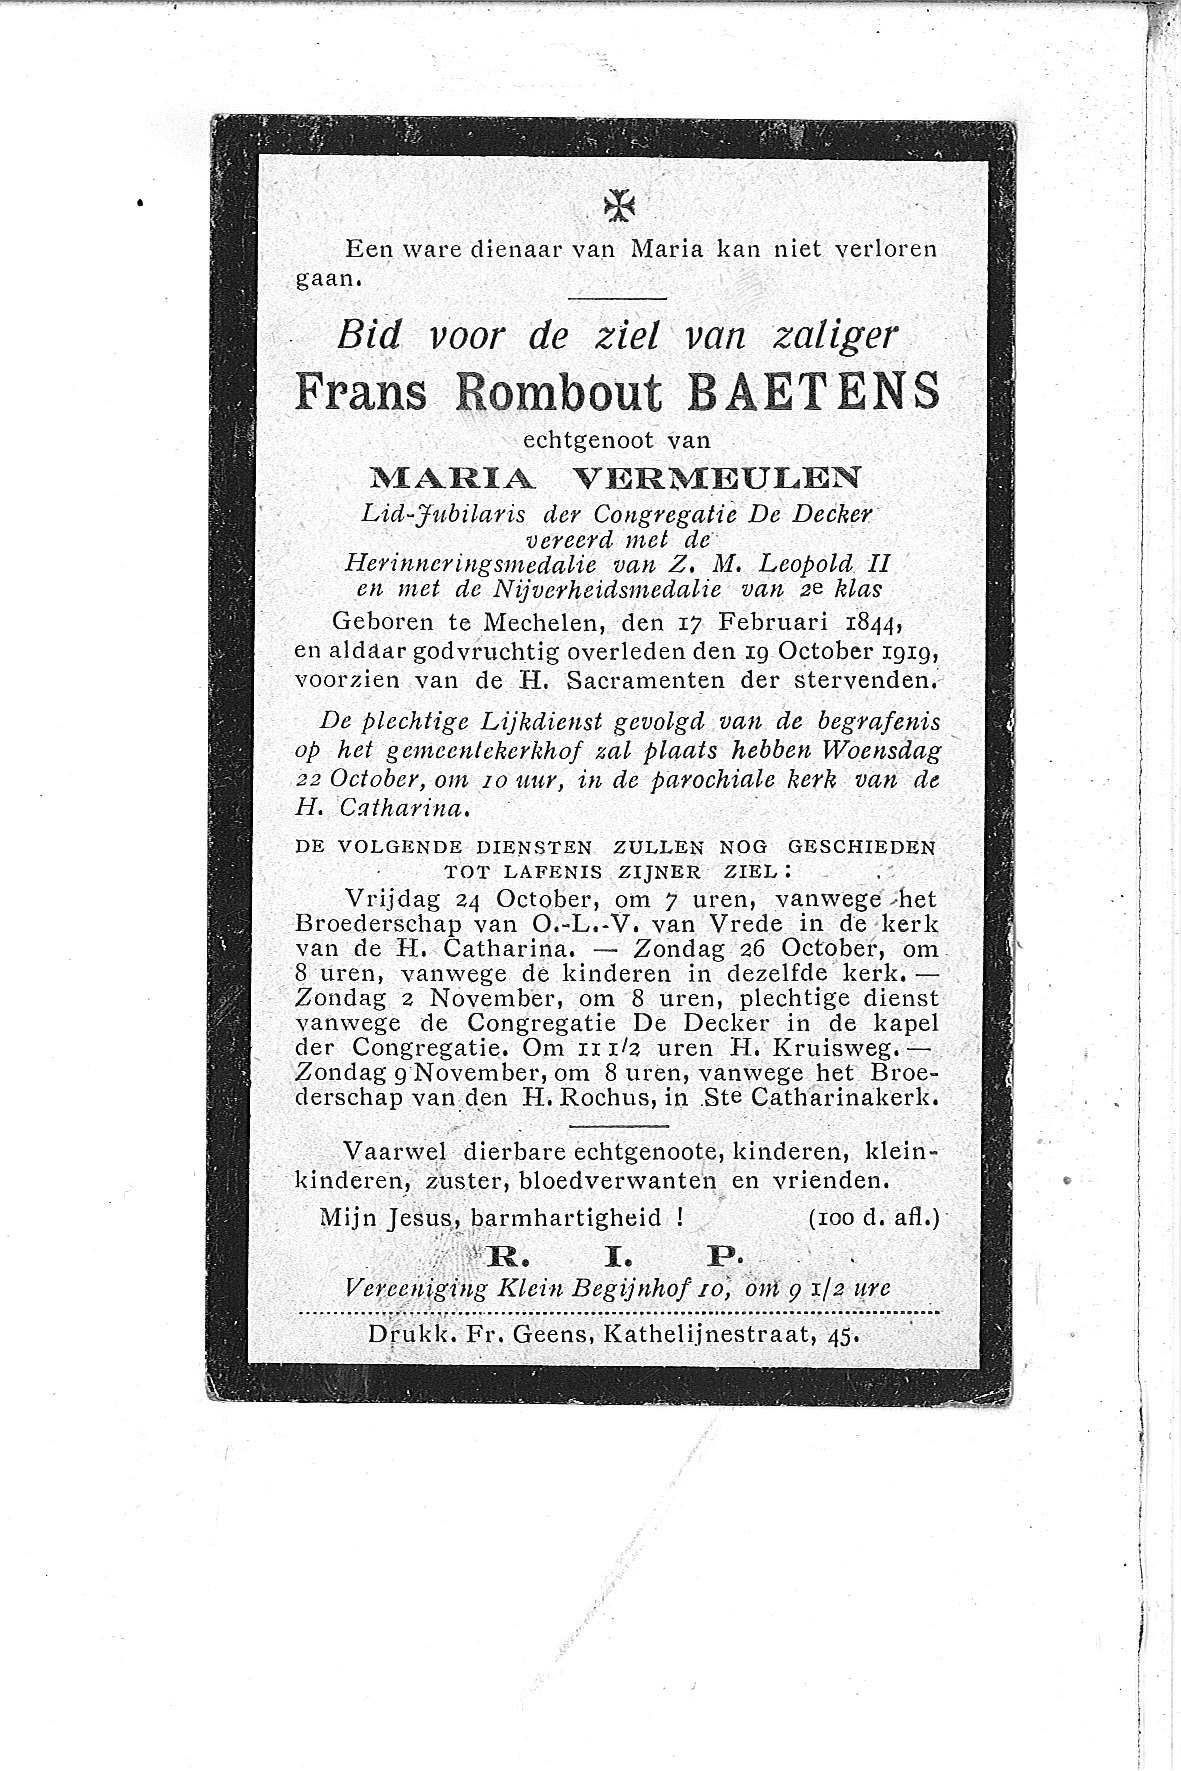 Frans-Rombout(1919)20101004083859_00028.jpg